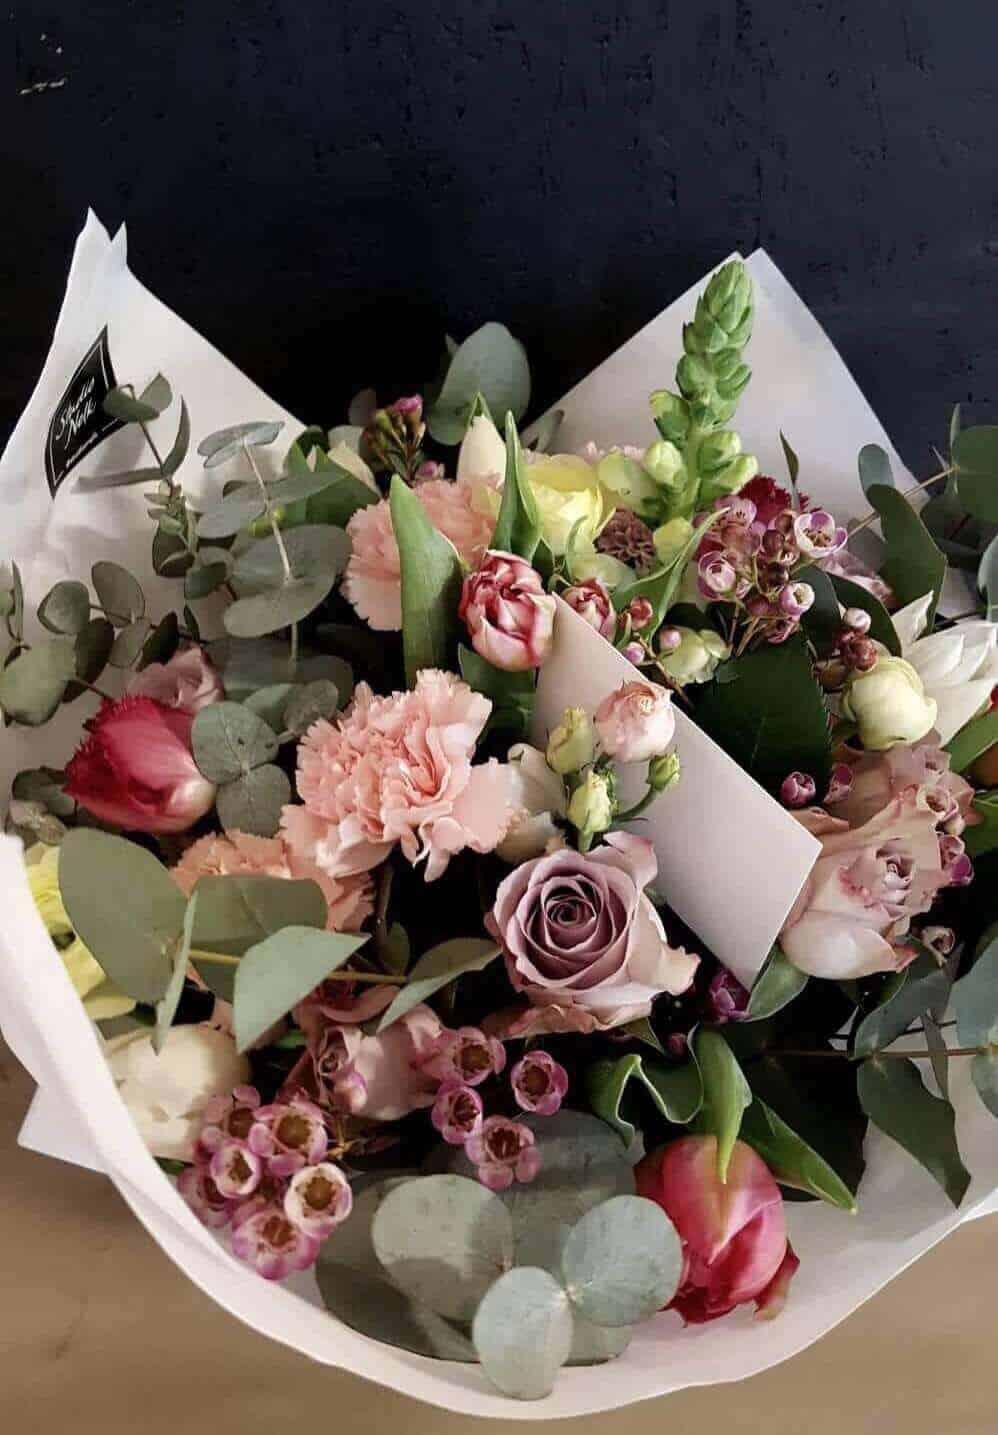 c72340aab80 Valentinipäeva lilled - Studio Nelk - lillede saatmine kulleriga